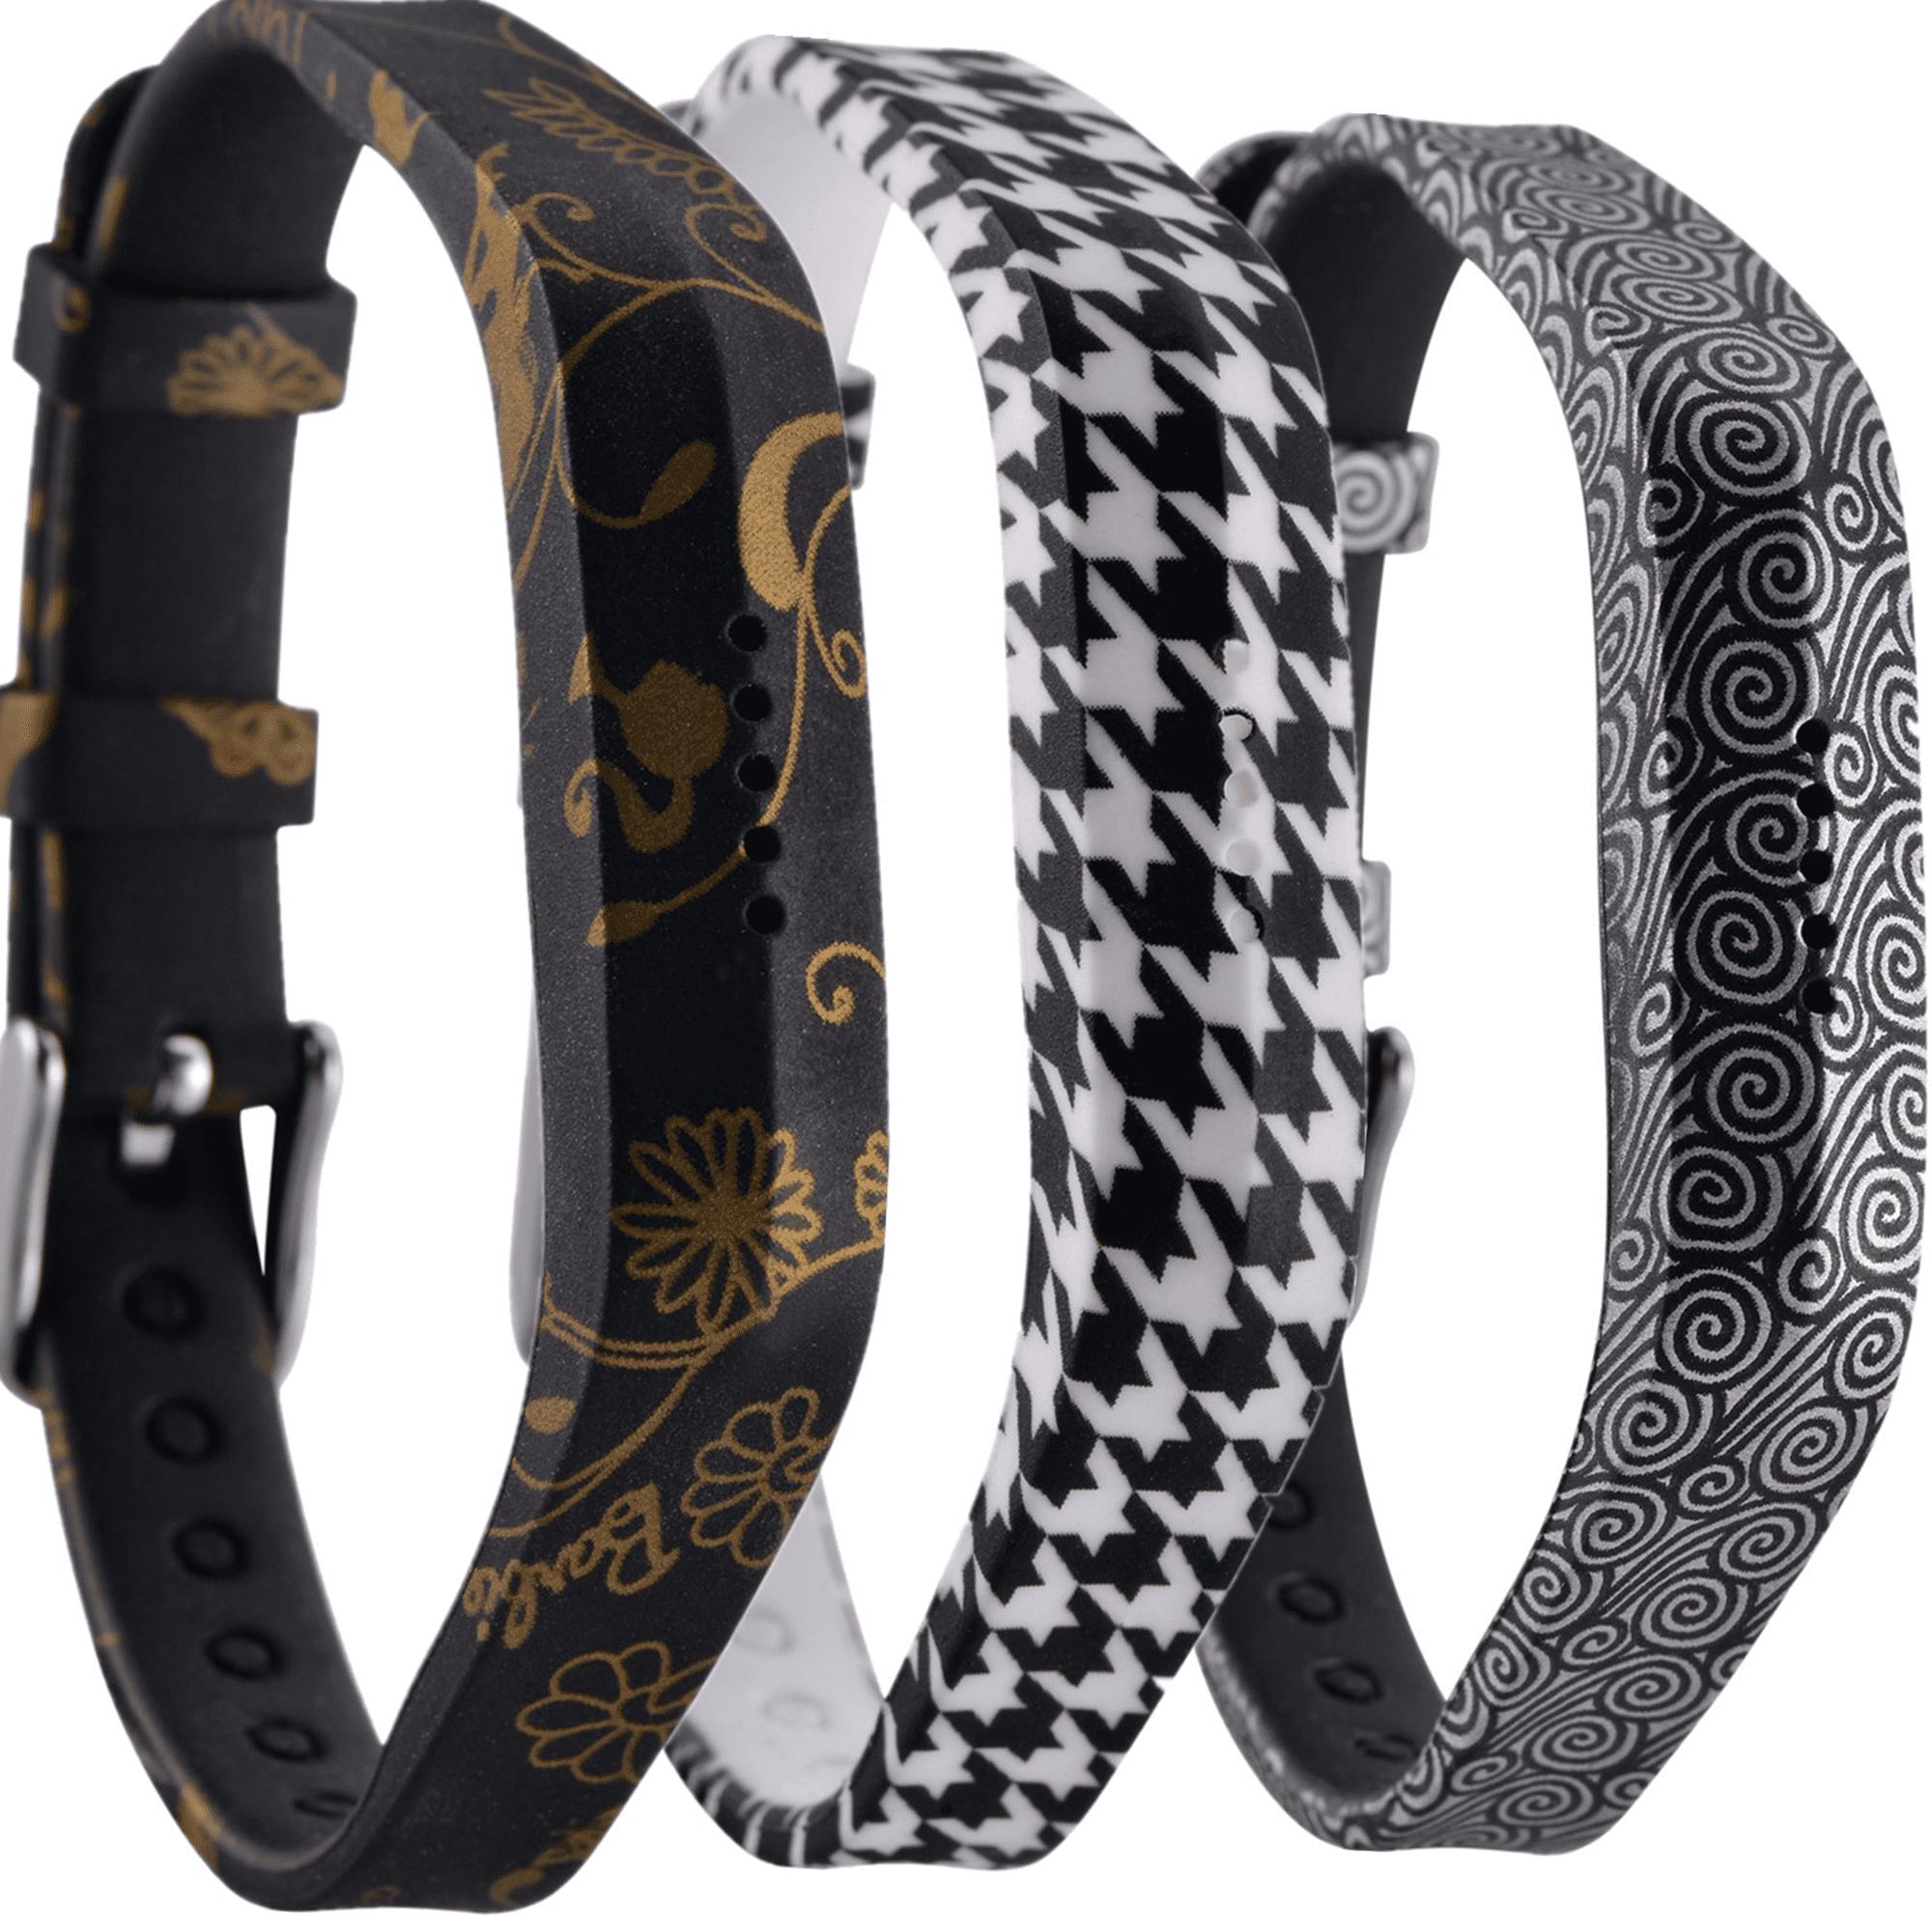 Moretek Flex 2 Accessory Bands for Fitbit Flex 2 / Fitbit flex2, With Chrome Claspor Soft Silicone Fitness Bracelet Strap, Adjustable Repalcement Wrist Band for Fitbit Flex 2 Fitness Smart Watch